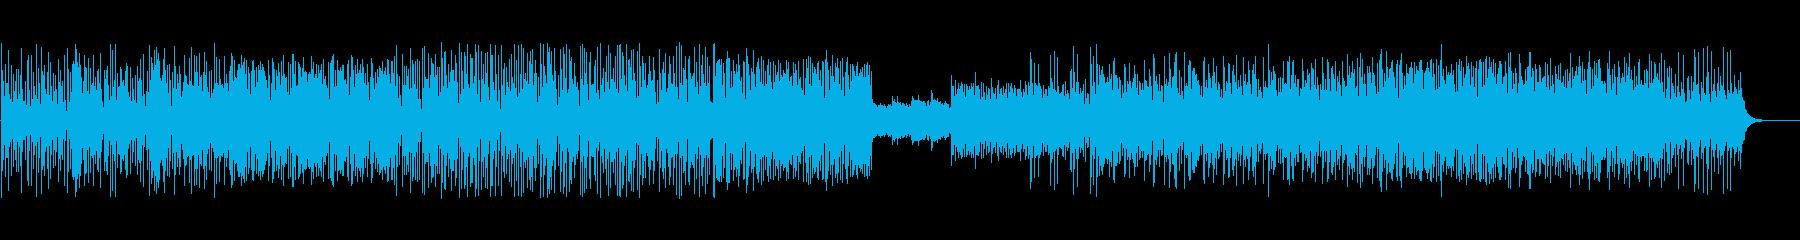 ピアノの躍動感が印象的なビートの再生済みの波形